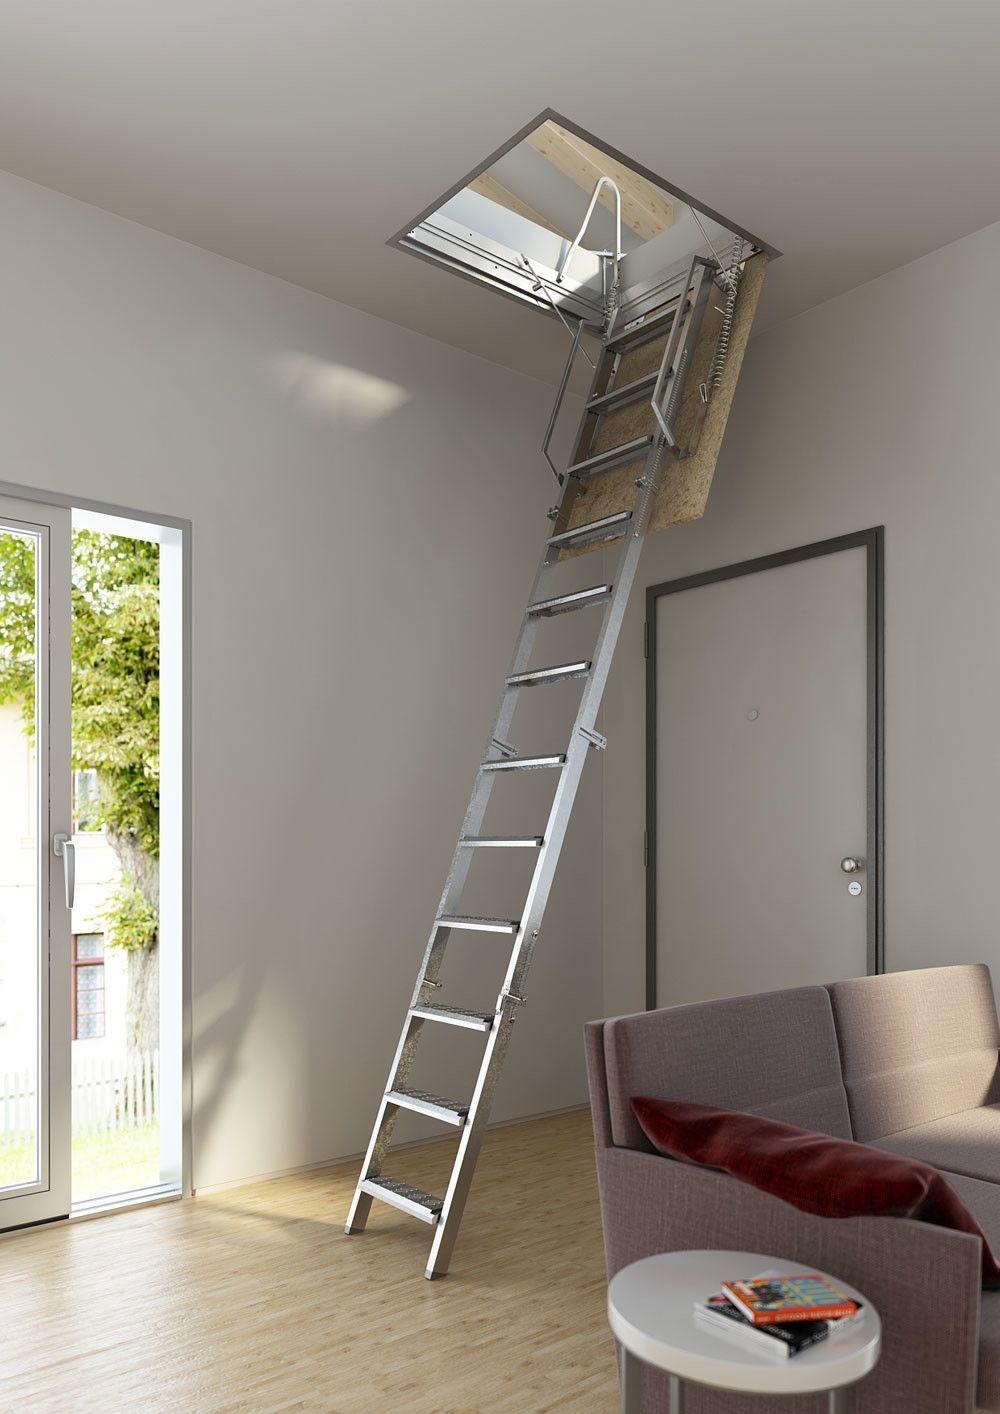 Escalera escamoteable tramo escaleras escamoteables en kit escalera escamoteable altillo y - Escalera plegable para altillo ...